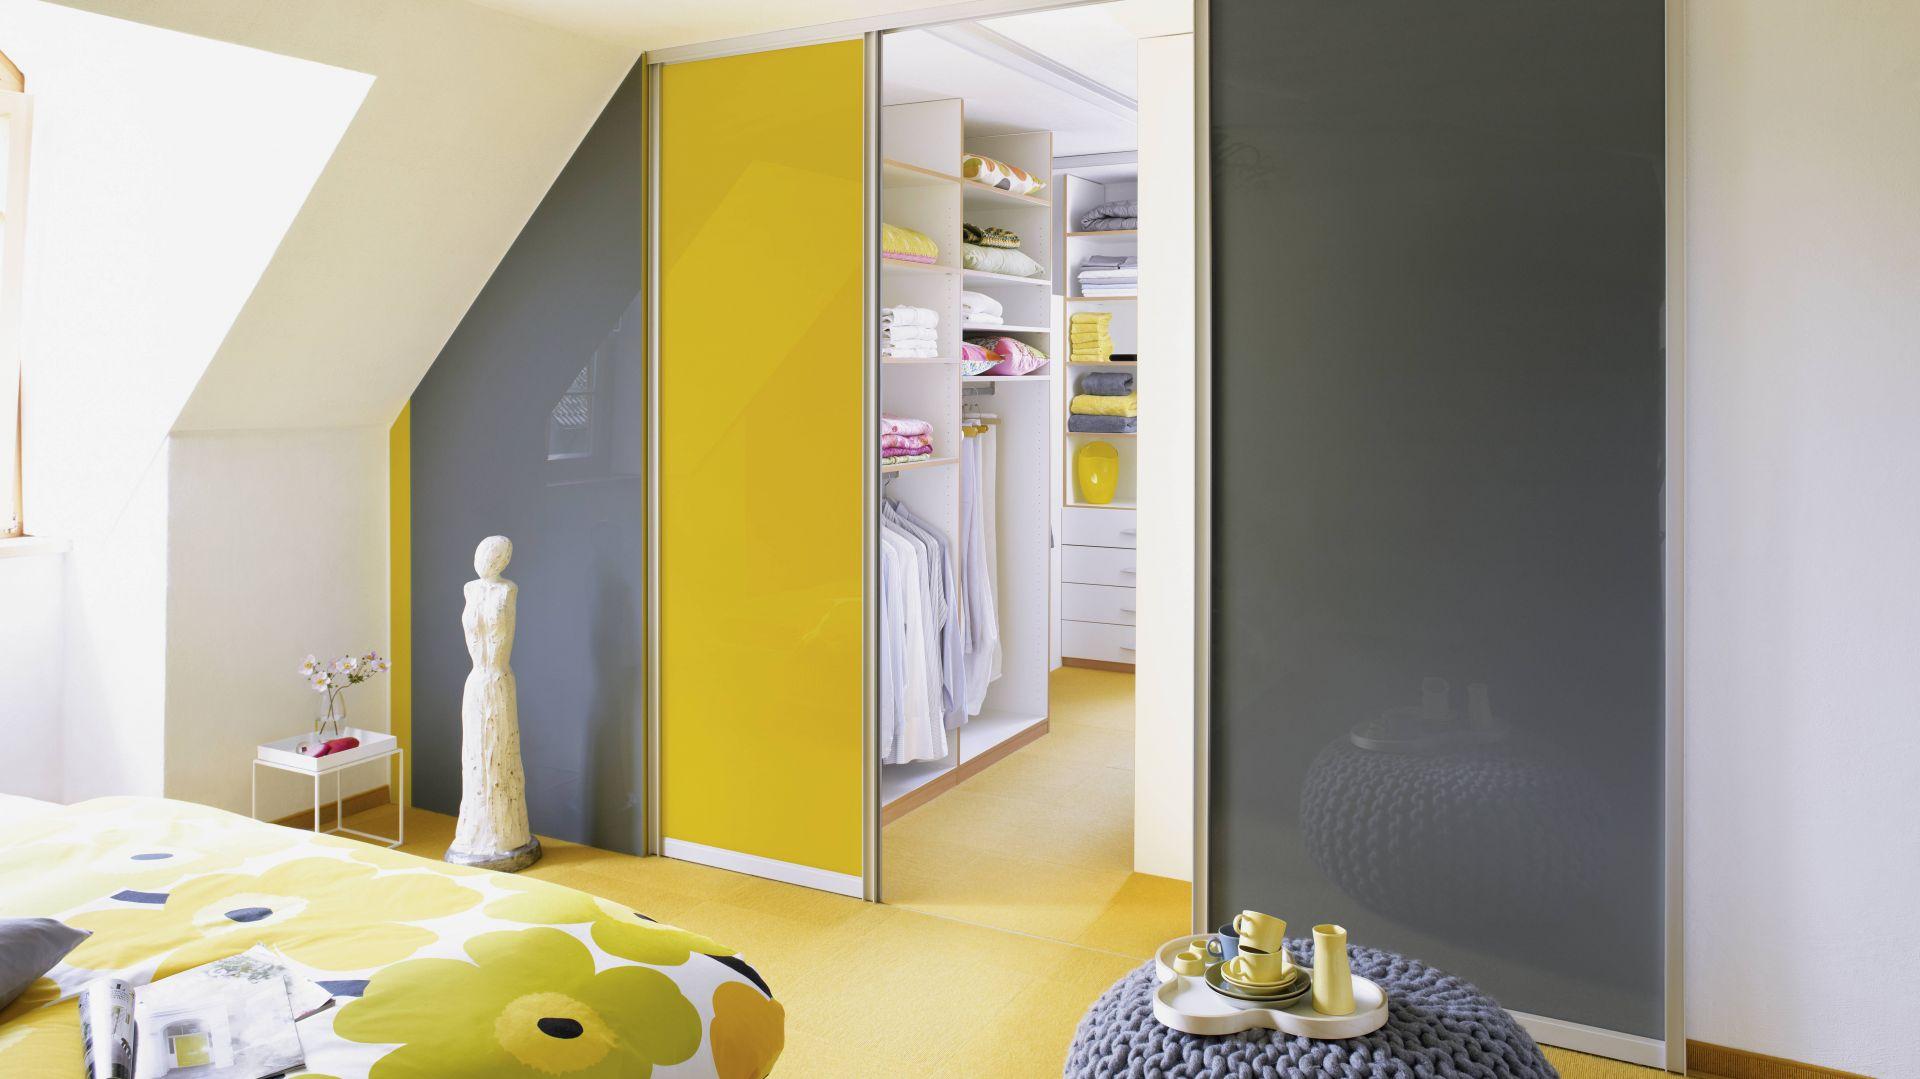 Duet kolorów żółtego z szarym to hit w aranżacji wnętrz. Neonowe lub kanarkowe akcenty żółci pięknie wyglądają na tle neutralnej szarości. Fot. Raumplus